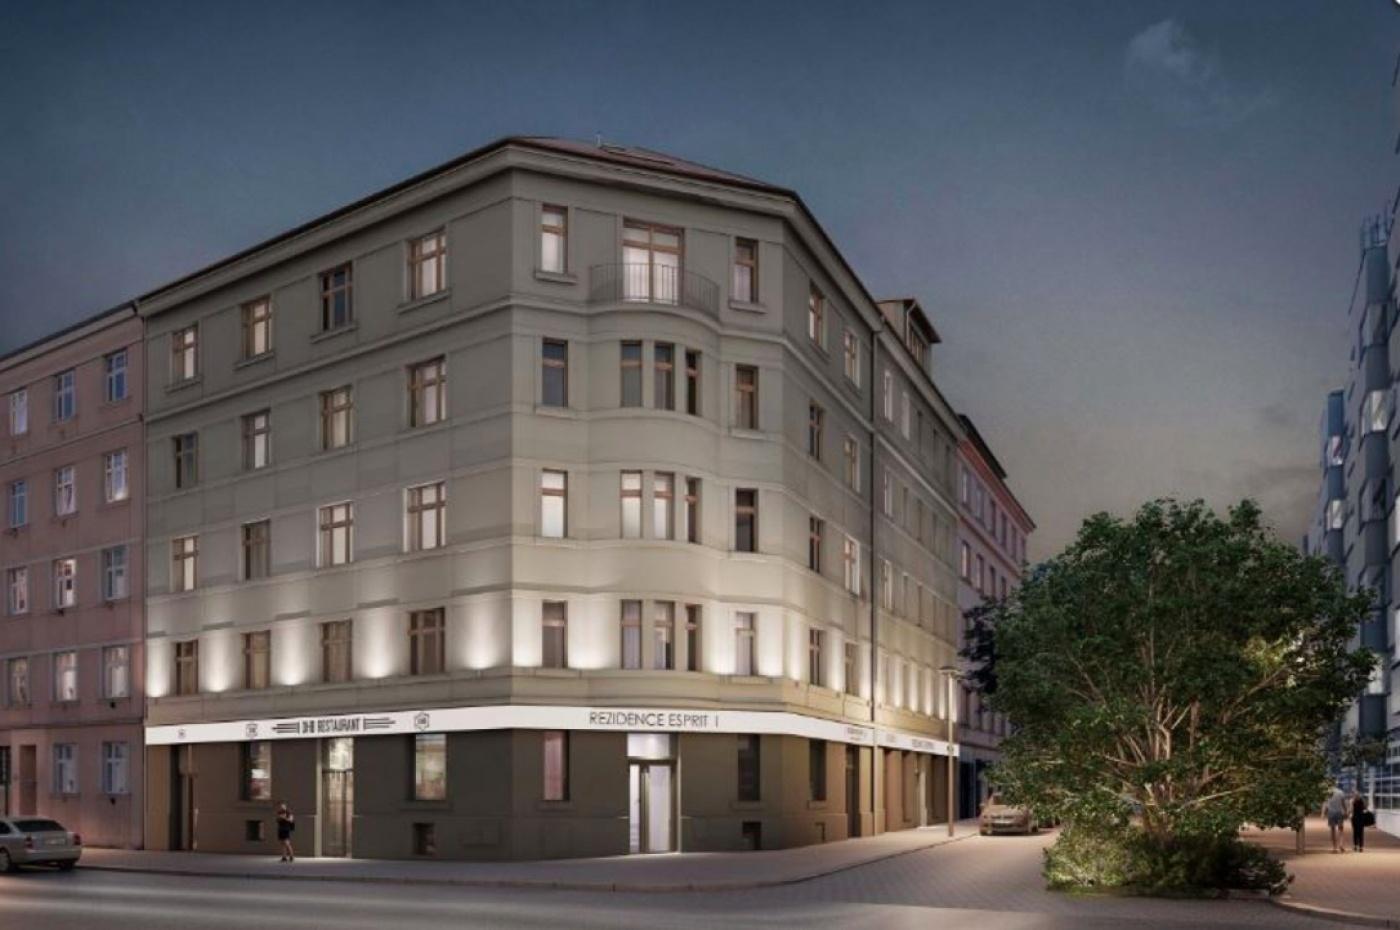 Půdní byt 4+kk, plocha 135 m², ulice Lihovarská, Praha 9 - Libeň | 2